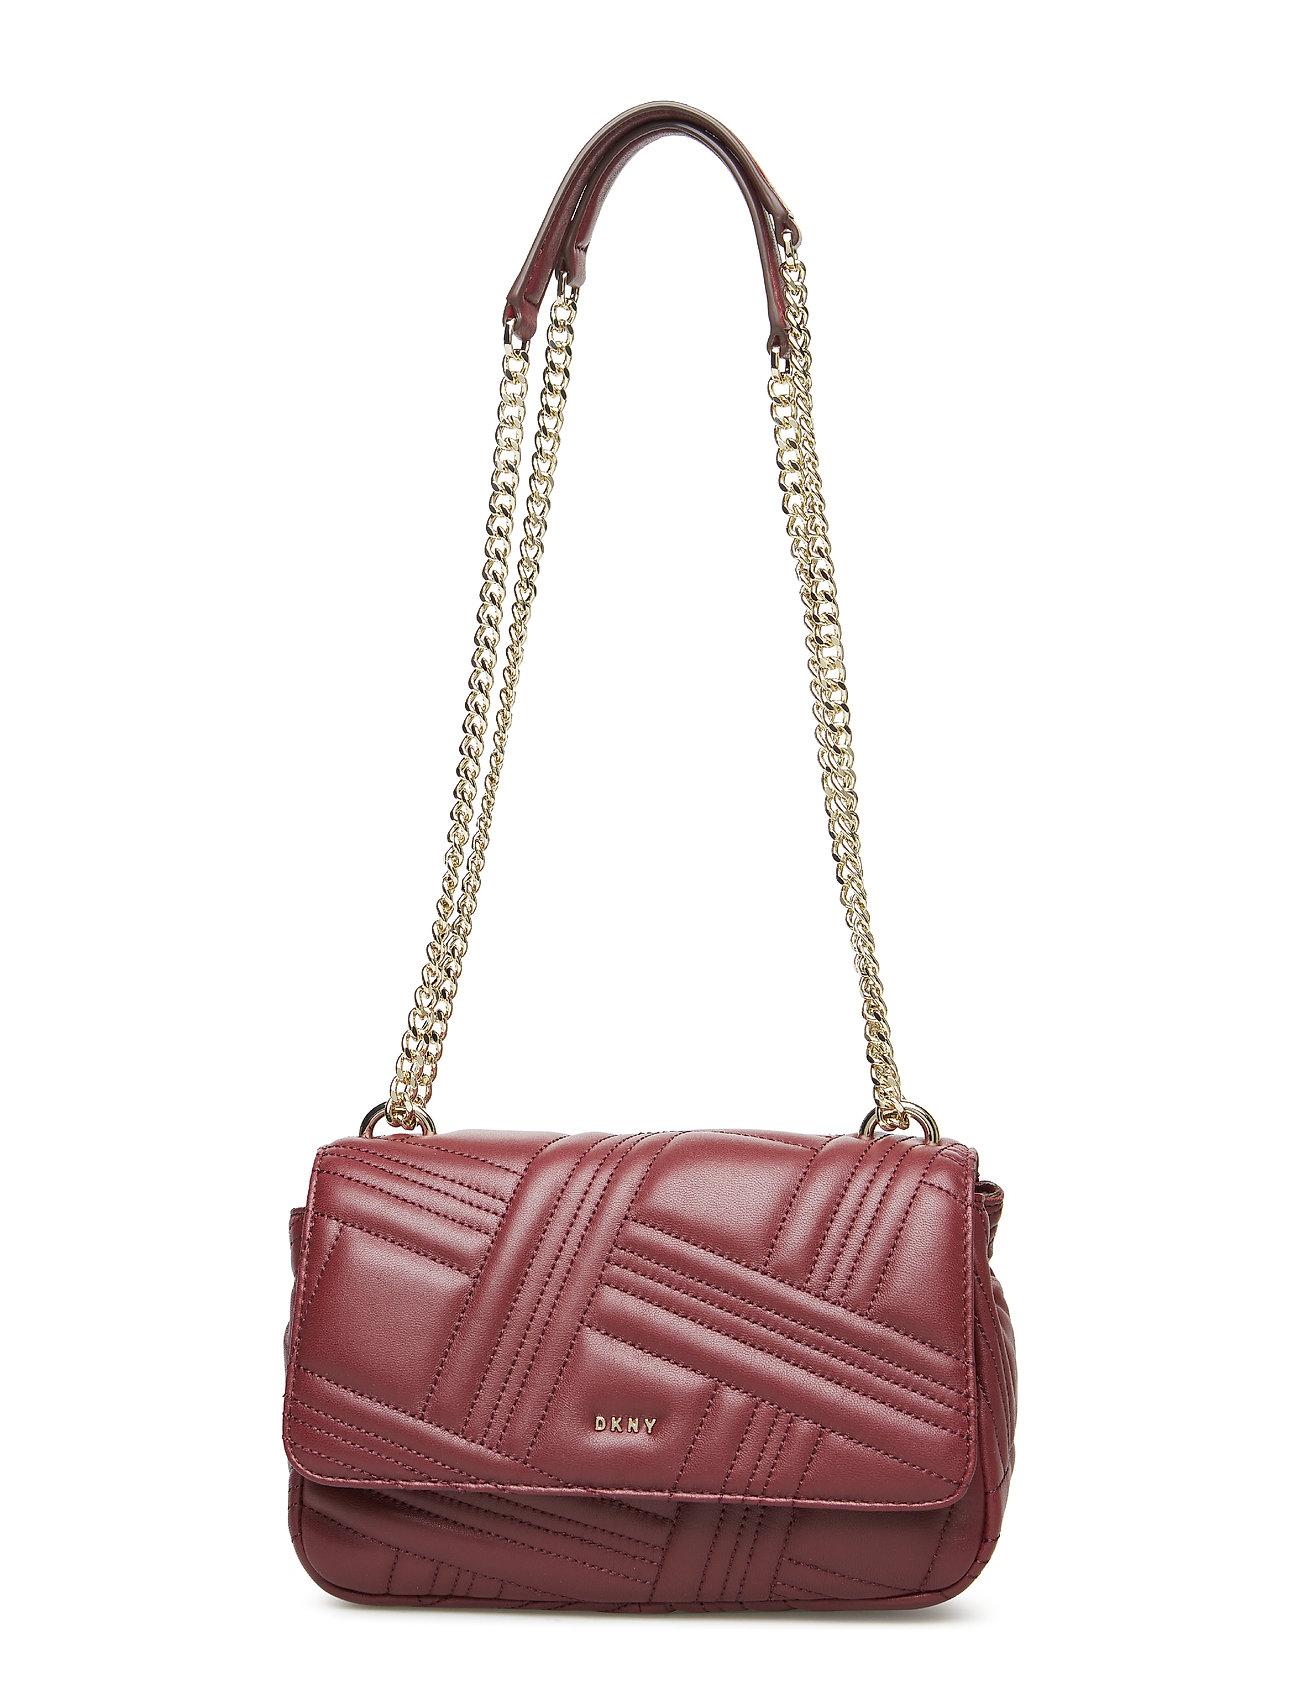 DKNY Bags ALLEN- MD FLAP SHOUL